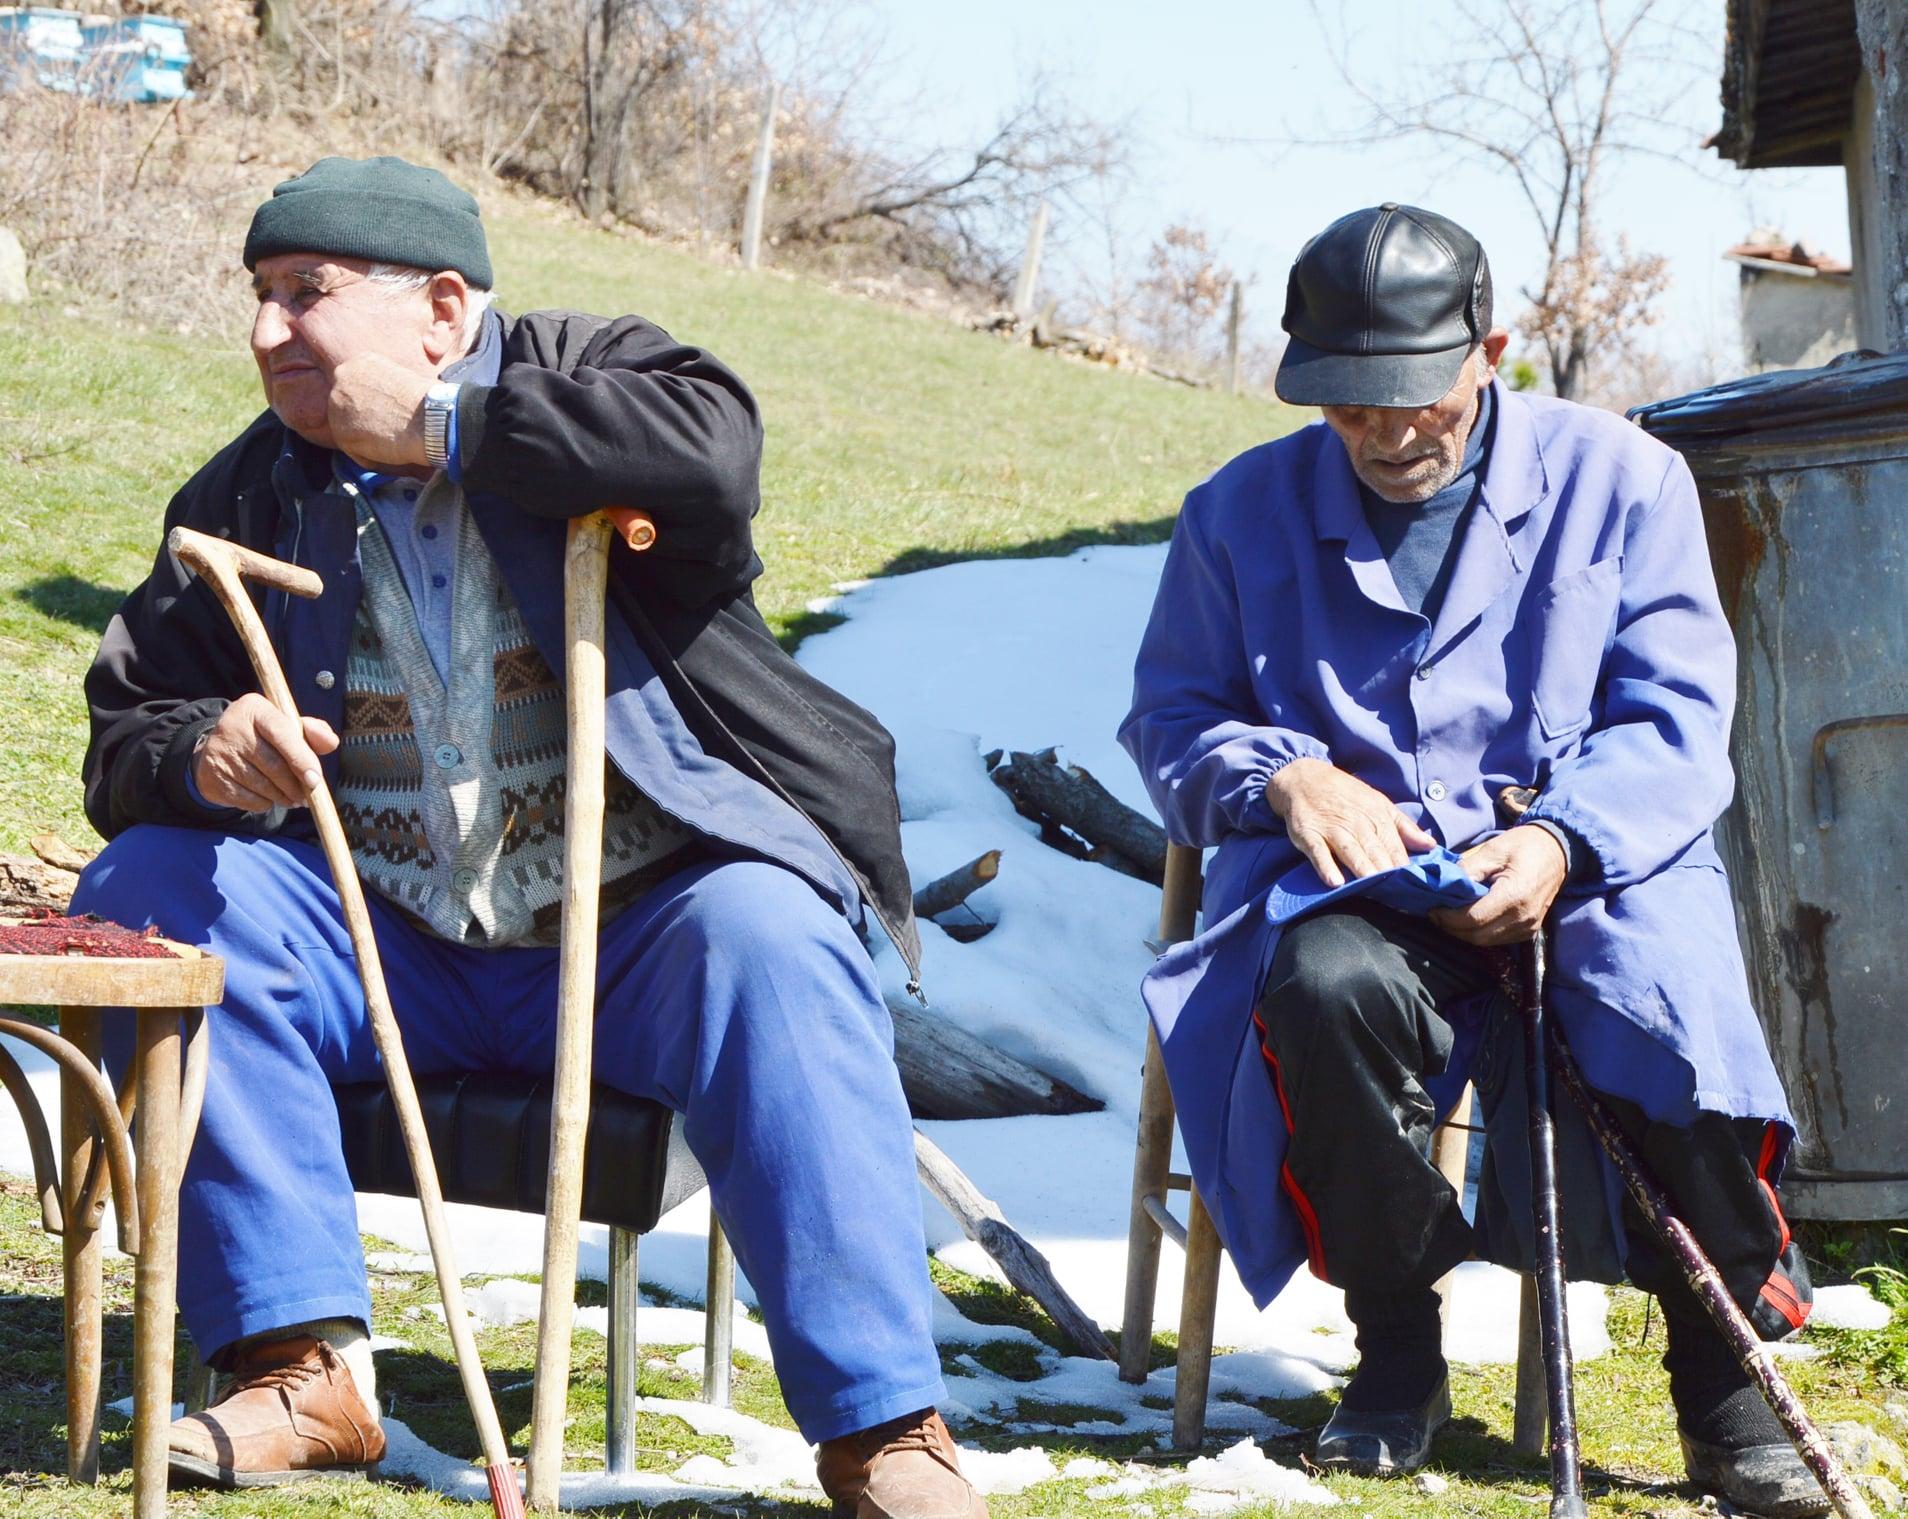 """На старта с """"мирис"""" на 3:1:1: Чернооченци тръгнаха преди Карадайъ, ИТН прерязаха лентата на Обходния път, ГЕРБ заложиха на тежката артилерия"""